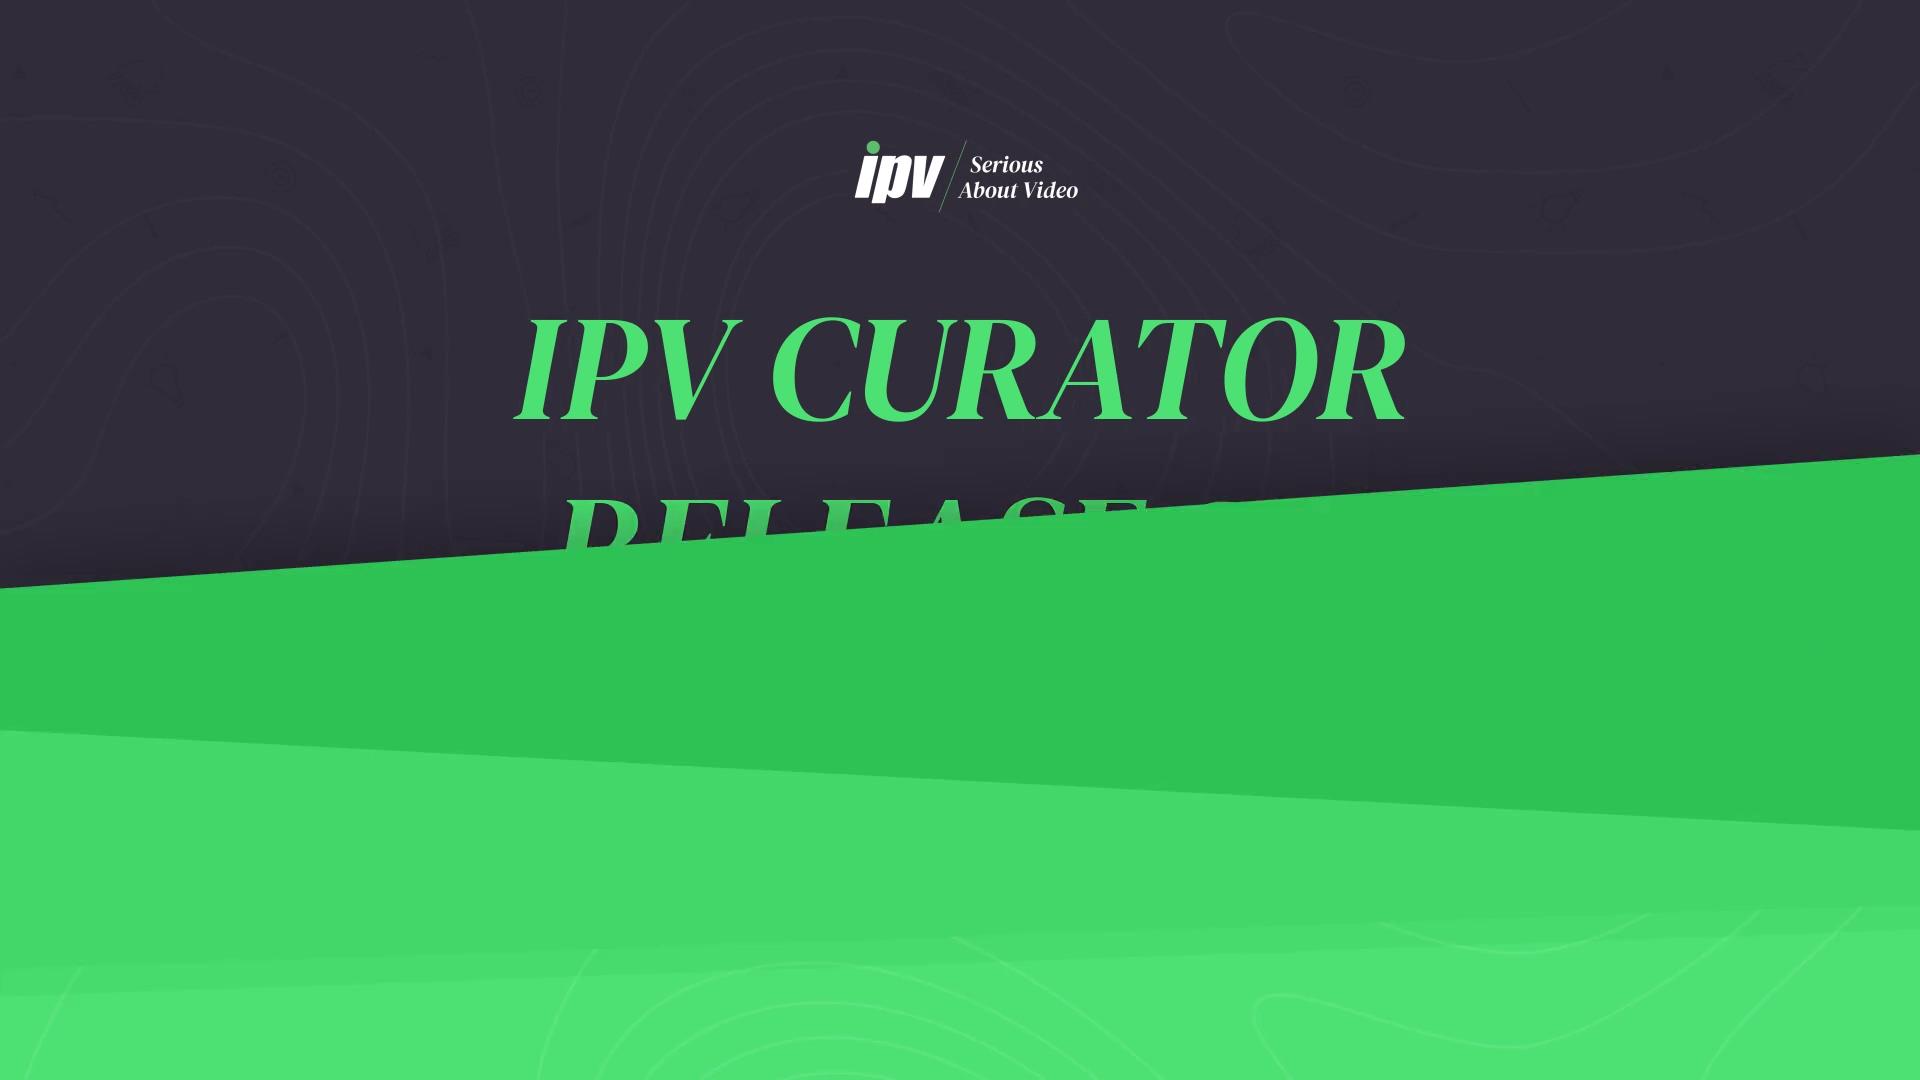 IPV Curator 2.3 Update (1)